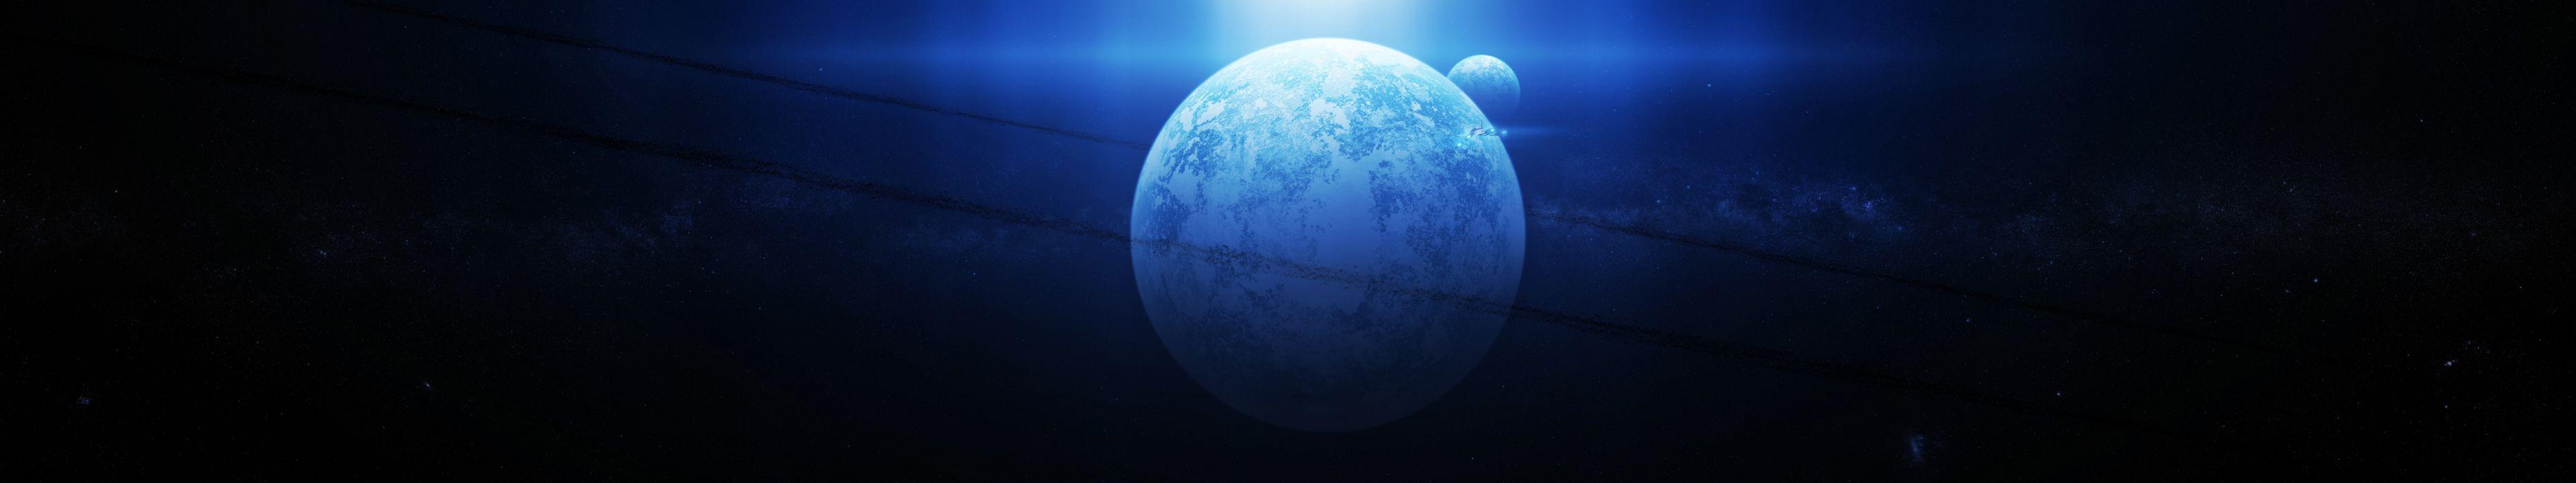 space art rings planet multi dual wallpaper